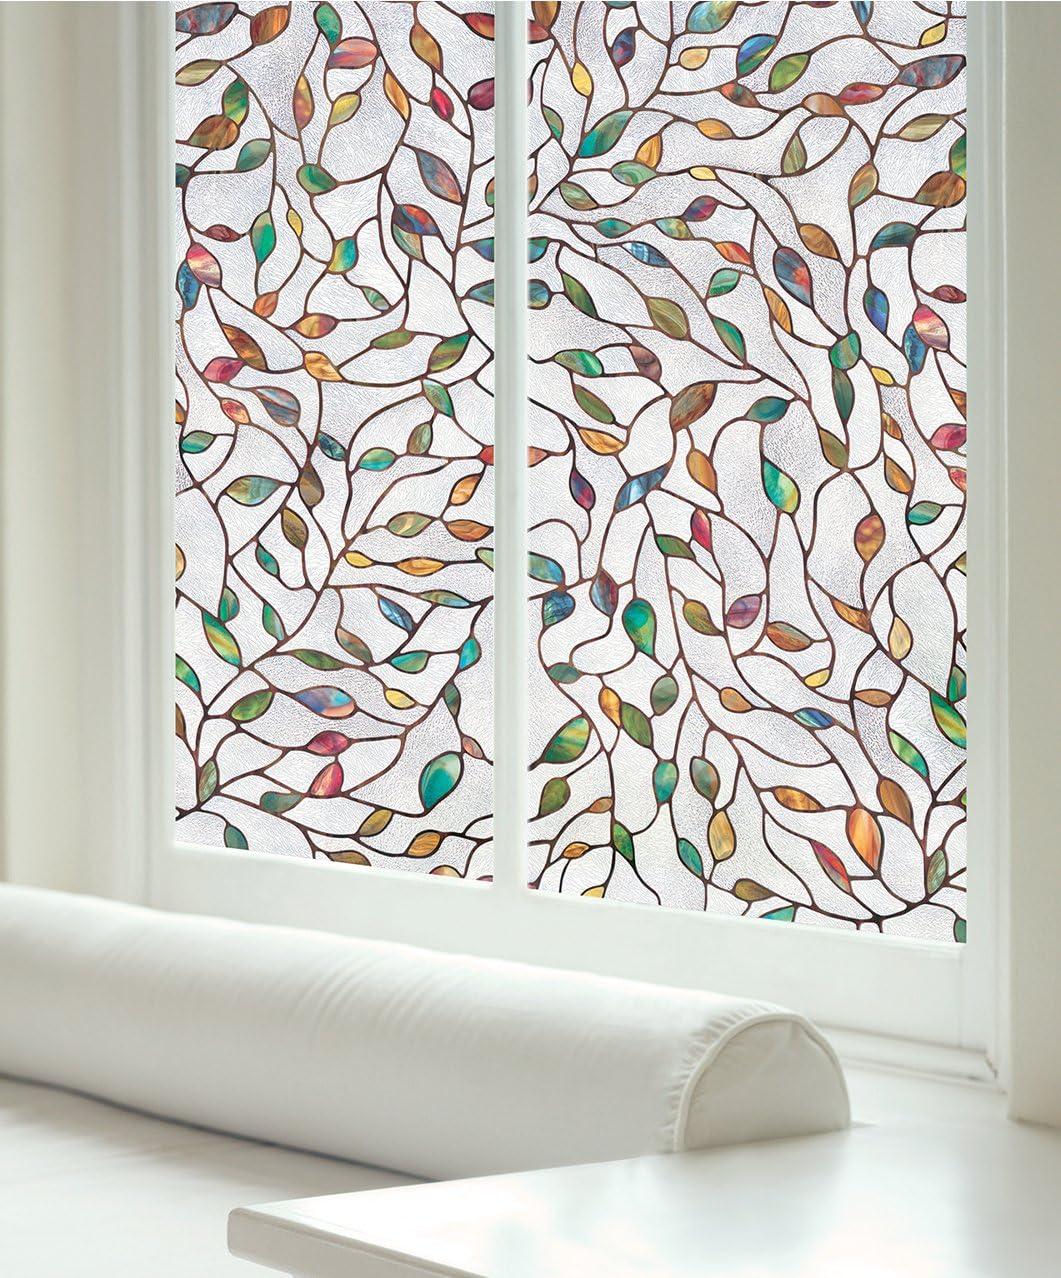 VOSAREA Pellicola per Vetri 3D Pellicola per Vetri Arcobaleno Adesivo Decorativo per Finestre in Vinile Non Adesivo Adesivo Statico per Finestra per Cucina Domestica Decorazione Bagno